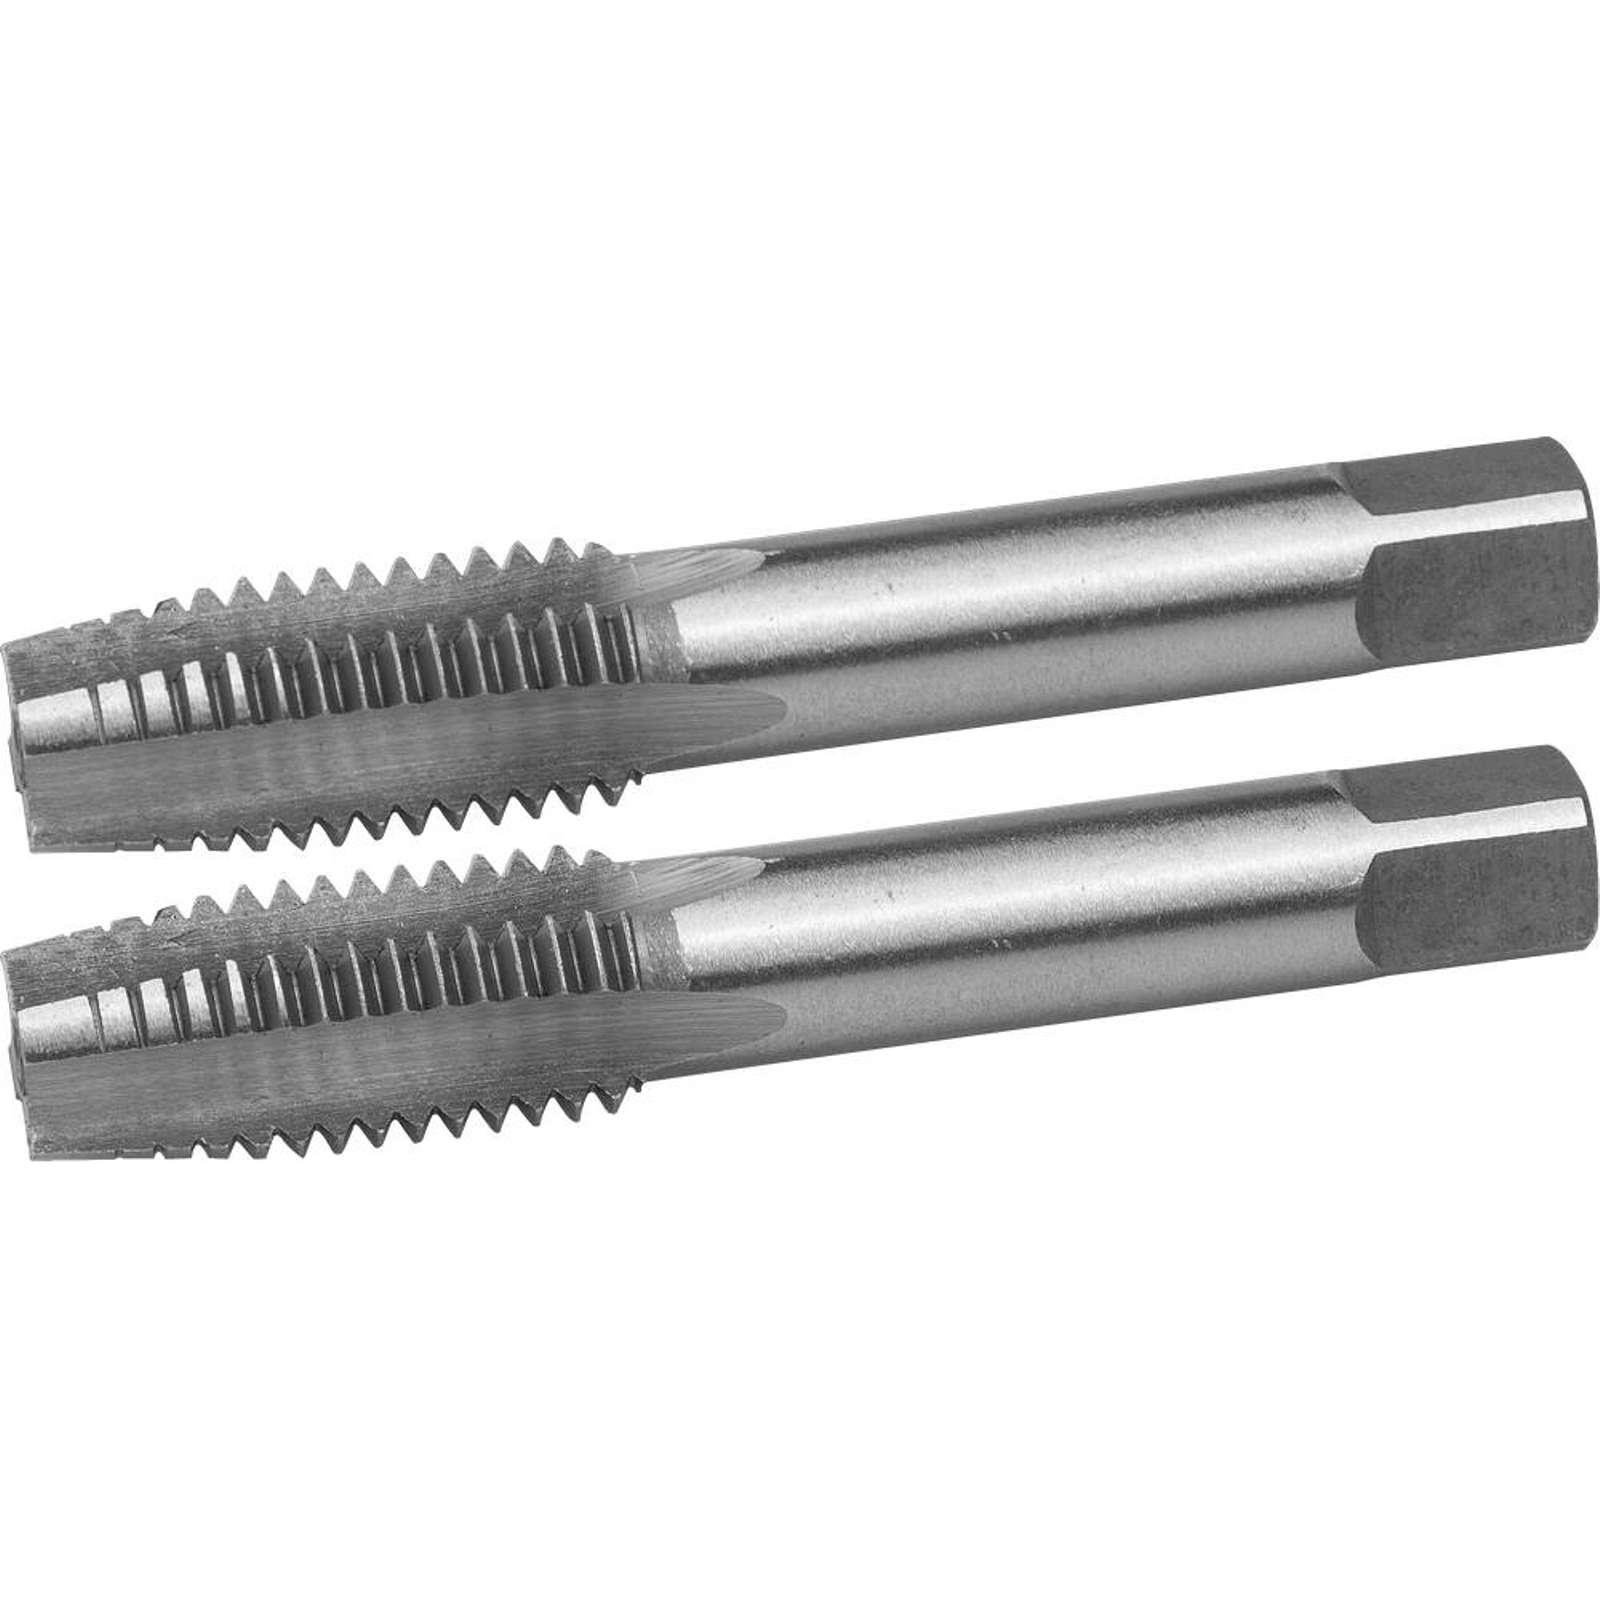 Комплект метчиков ручных Зубр Мастер, М14×2,0 мм, 2 шт